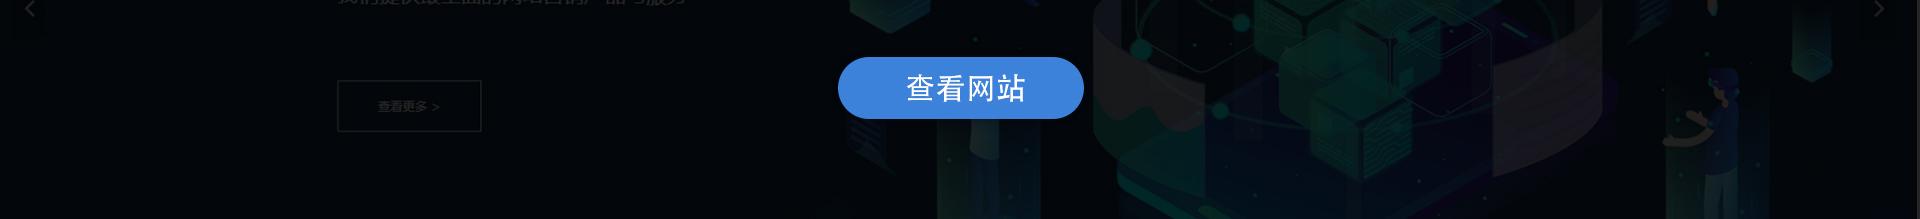 宁波飞色-谢小爱-云企案例4_02